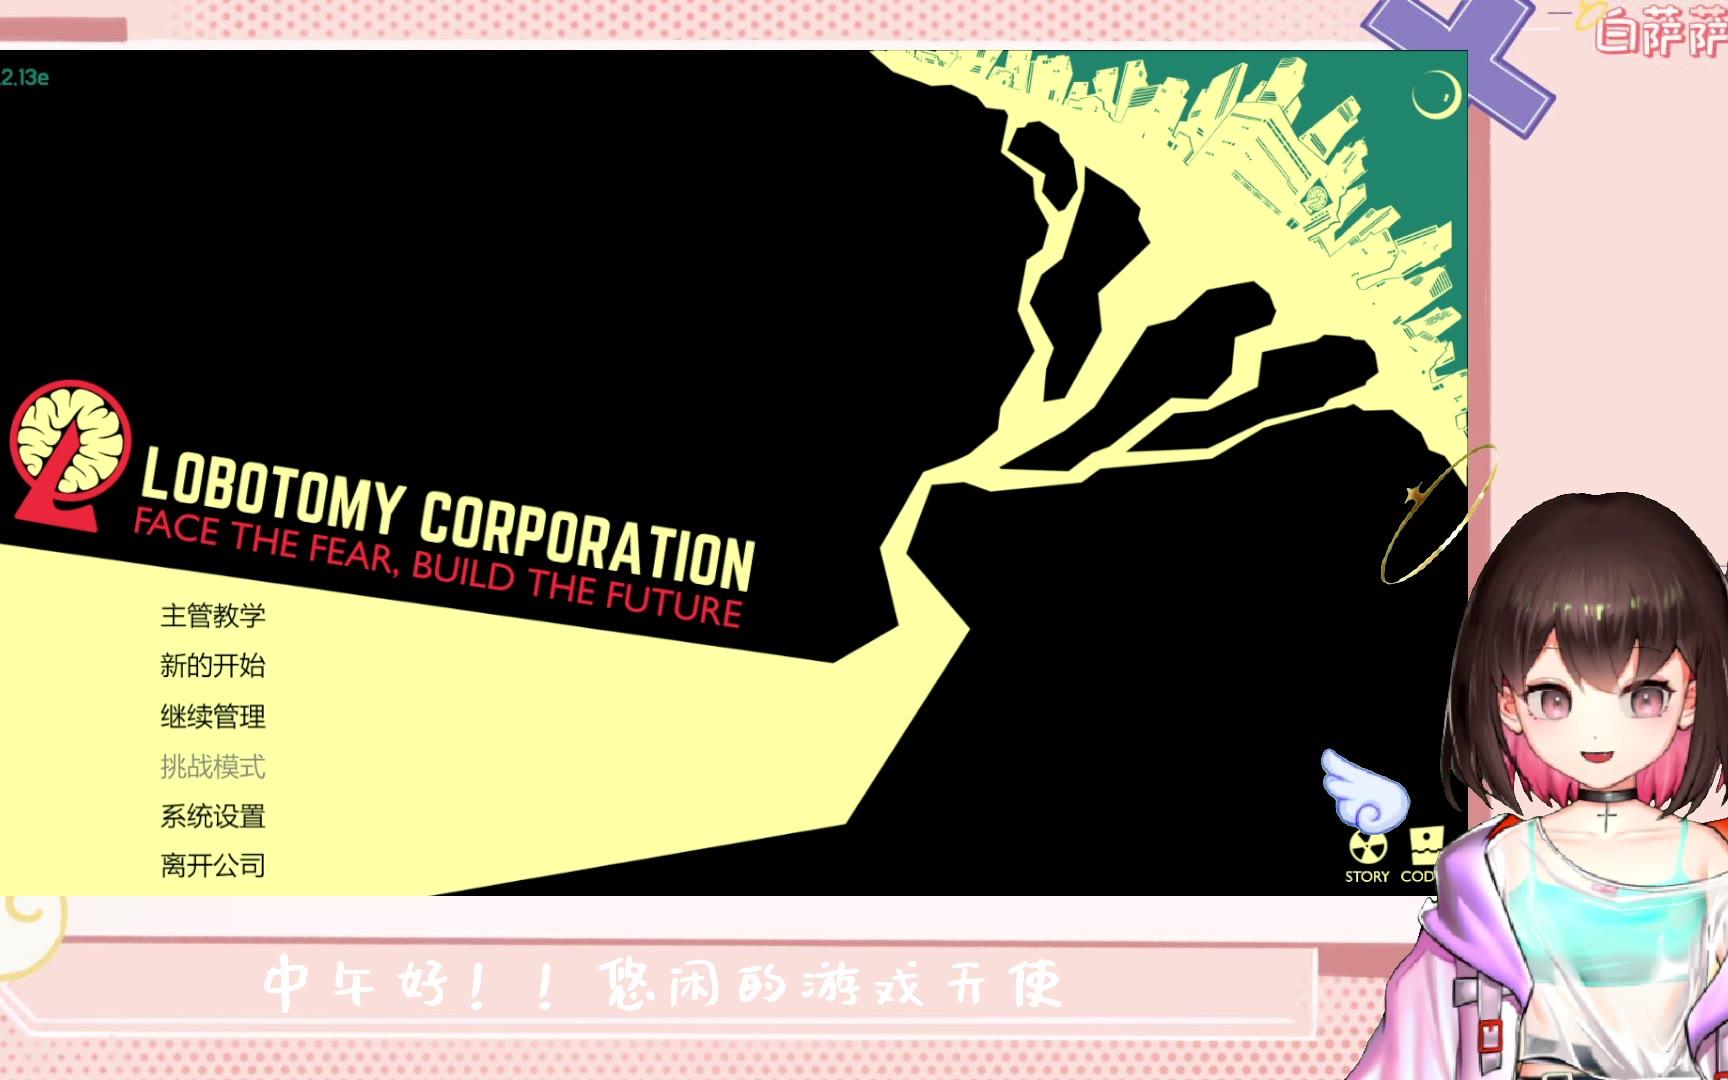 2021-07-23  天使白萨萨_Official 【脑叶初见】周五努努力,周末打游戏